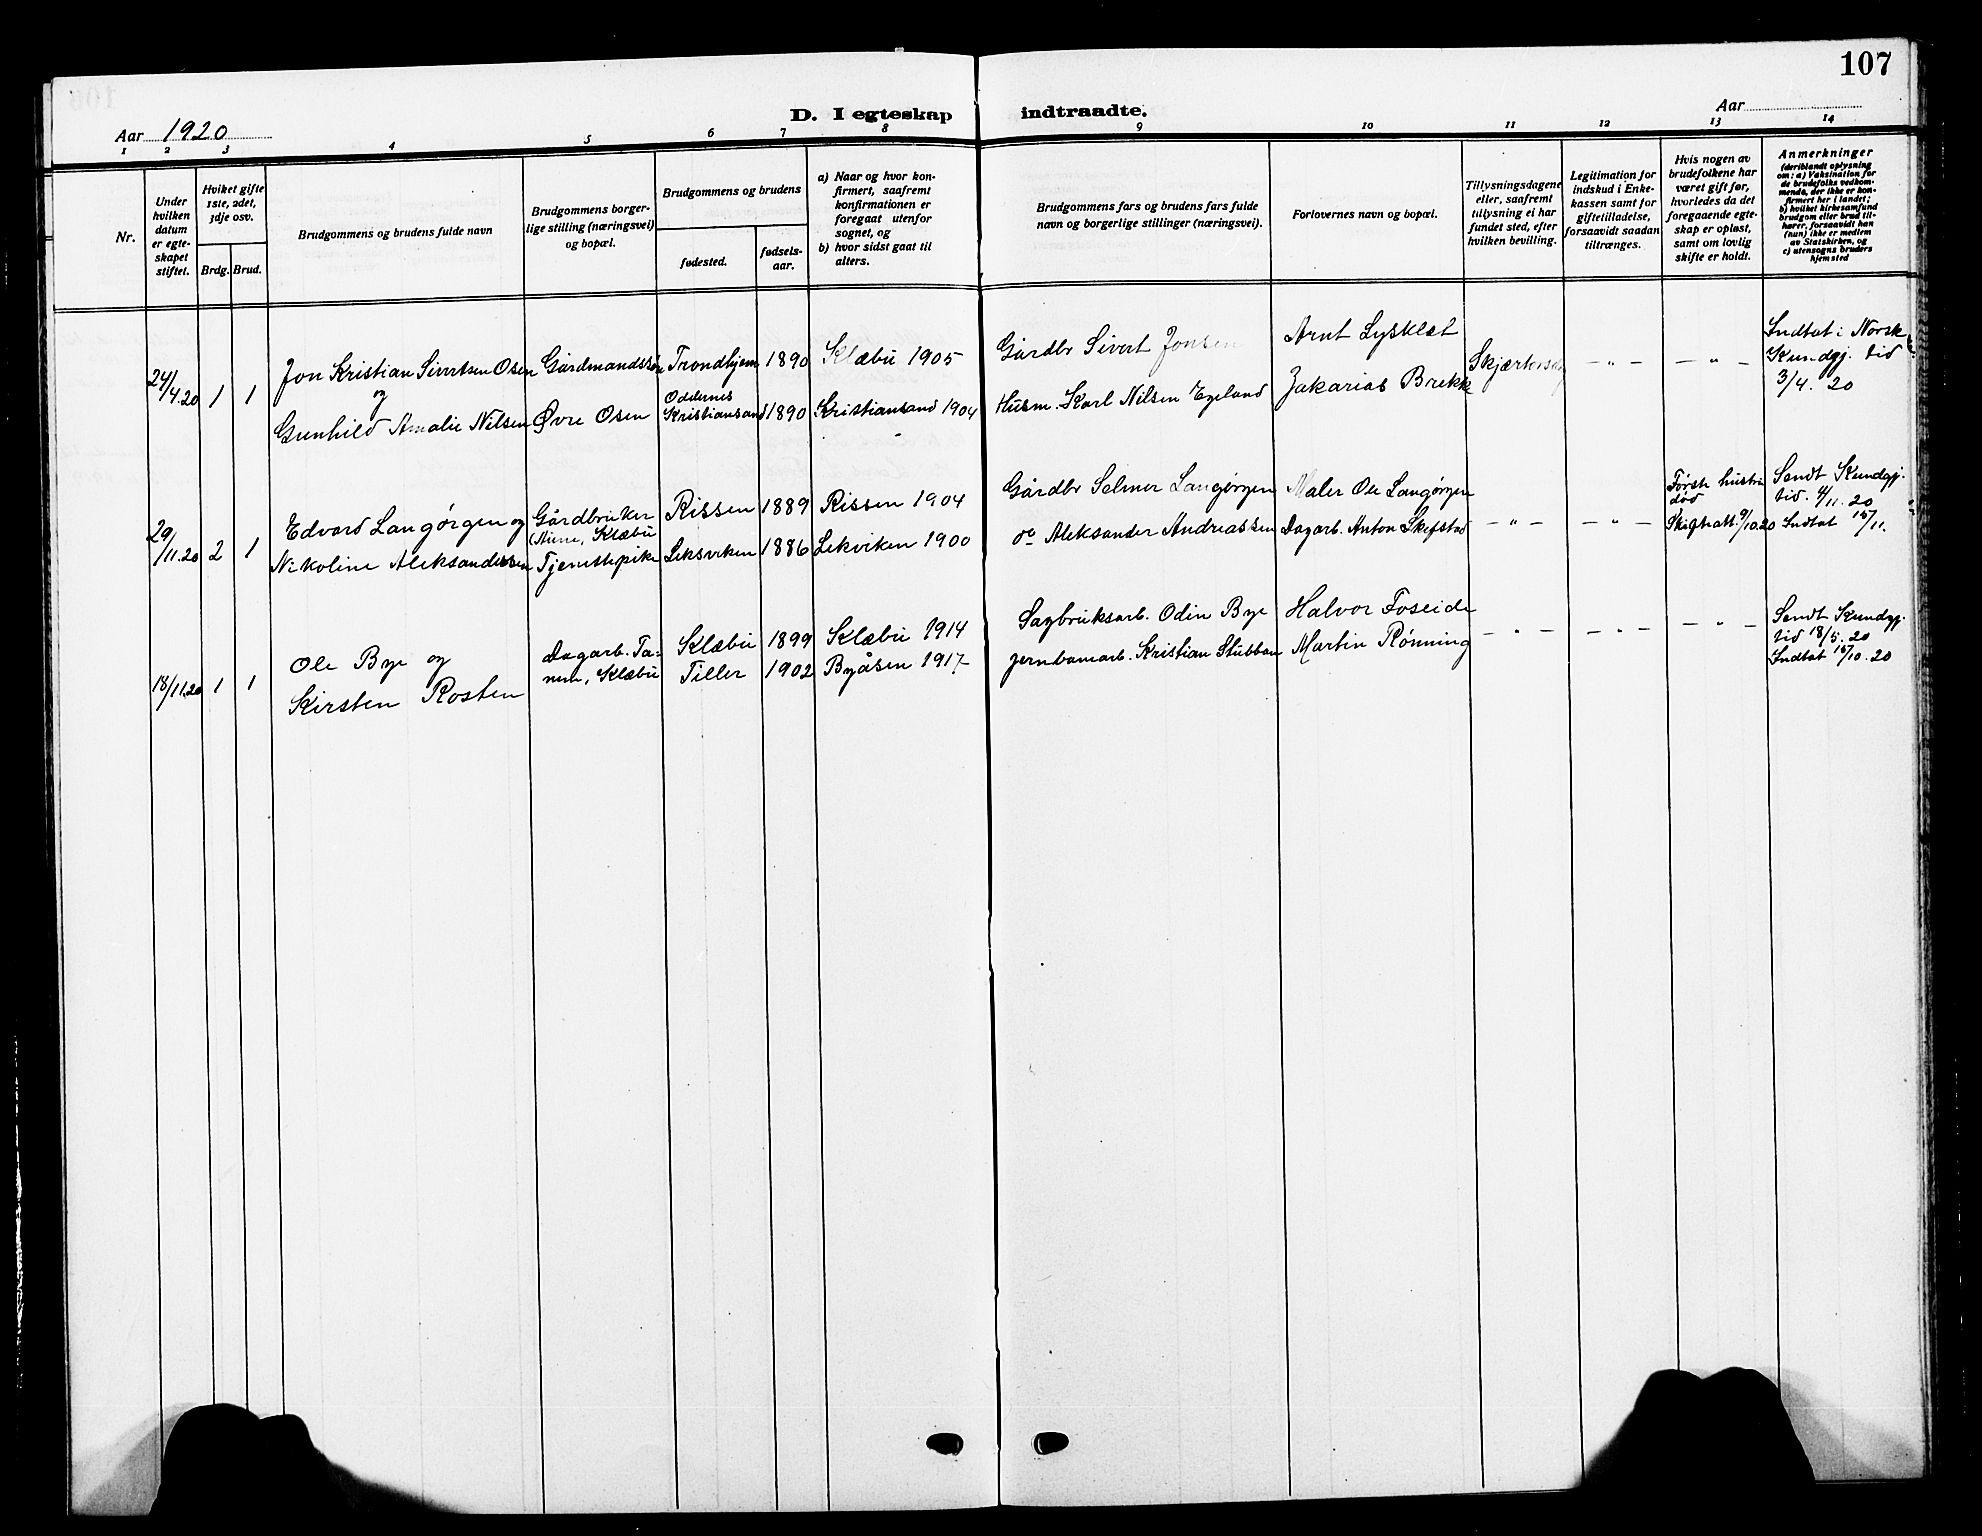 SAT, Ministerialprotokoller, klokkerbøker og fødselsregistre - Sør-Trøndelag, 618/L0453: Klokkerbok nr. 618C04, 1907-1925, s. 107